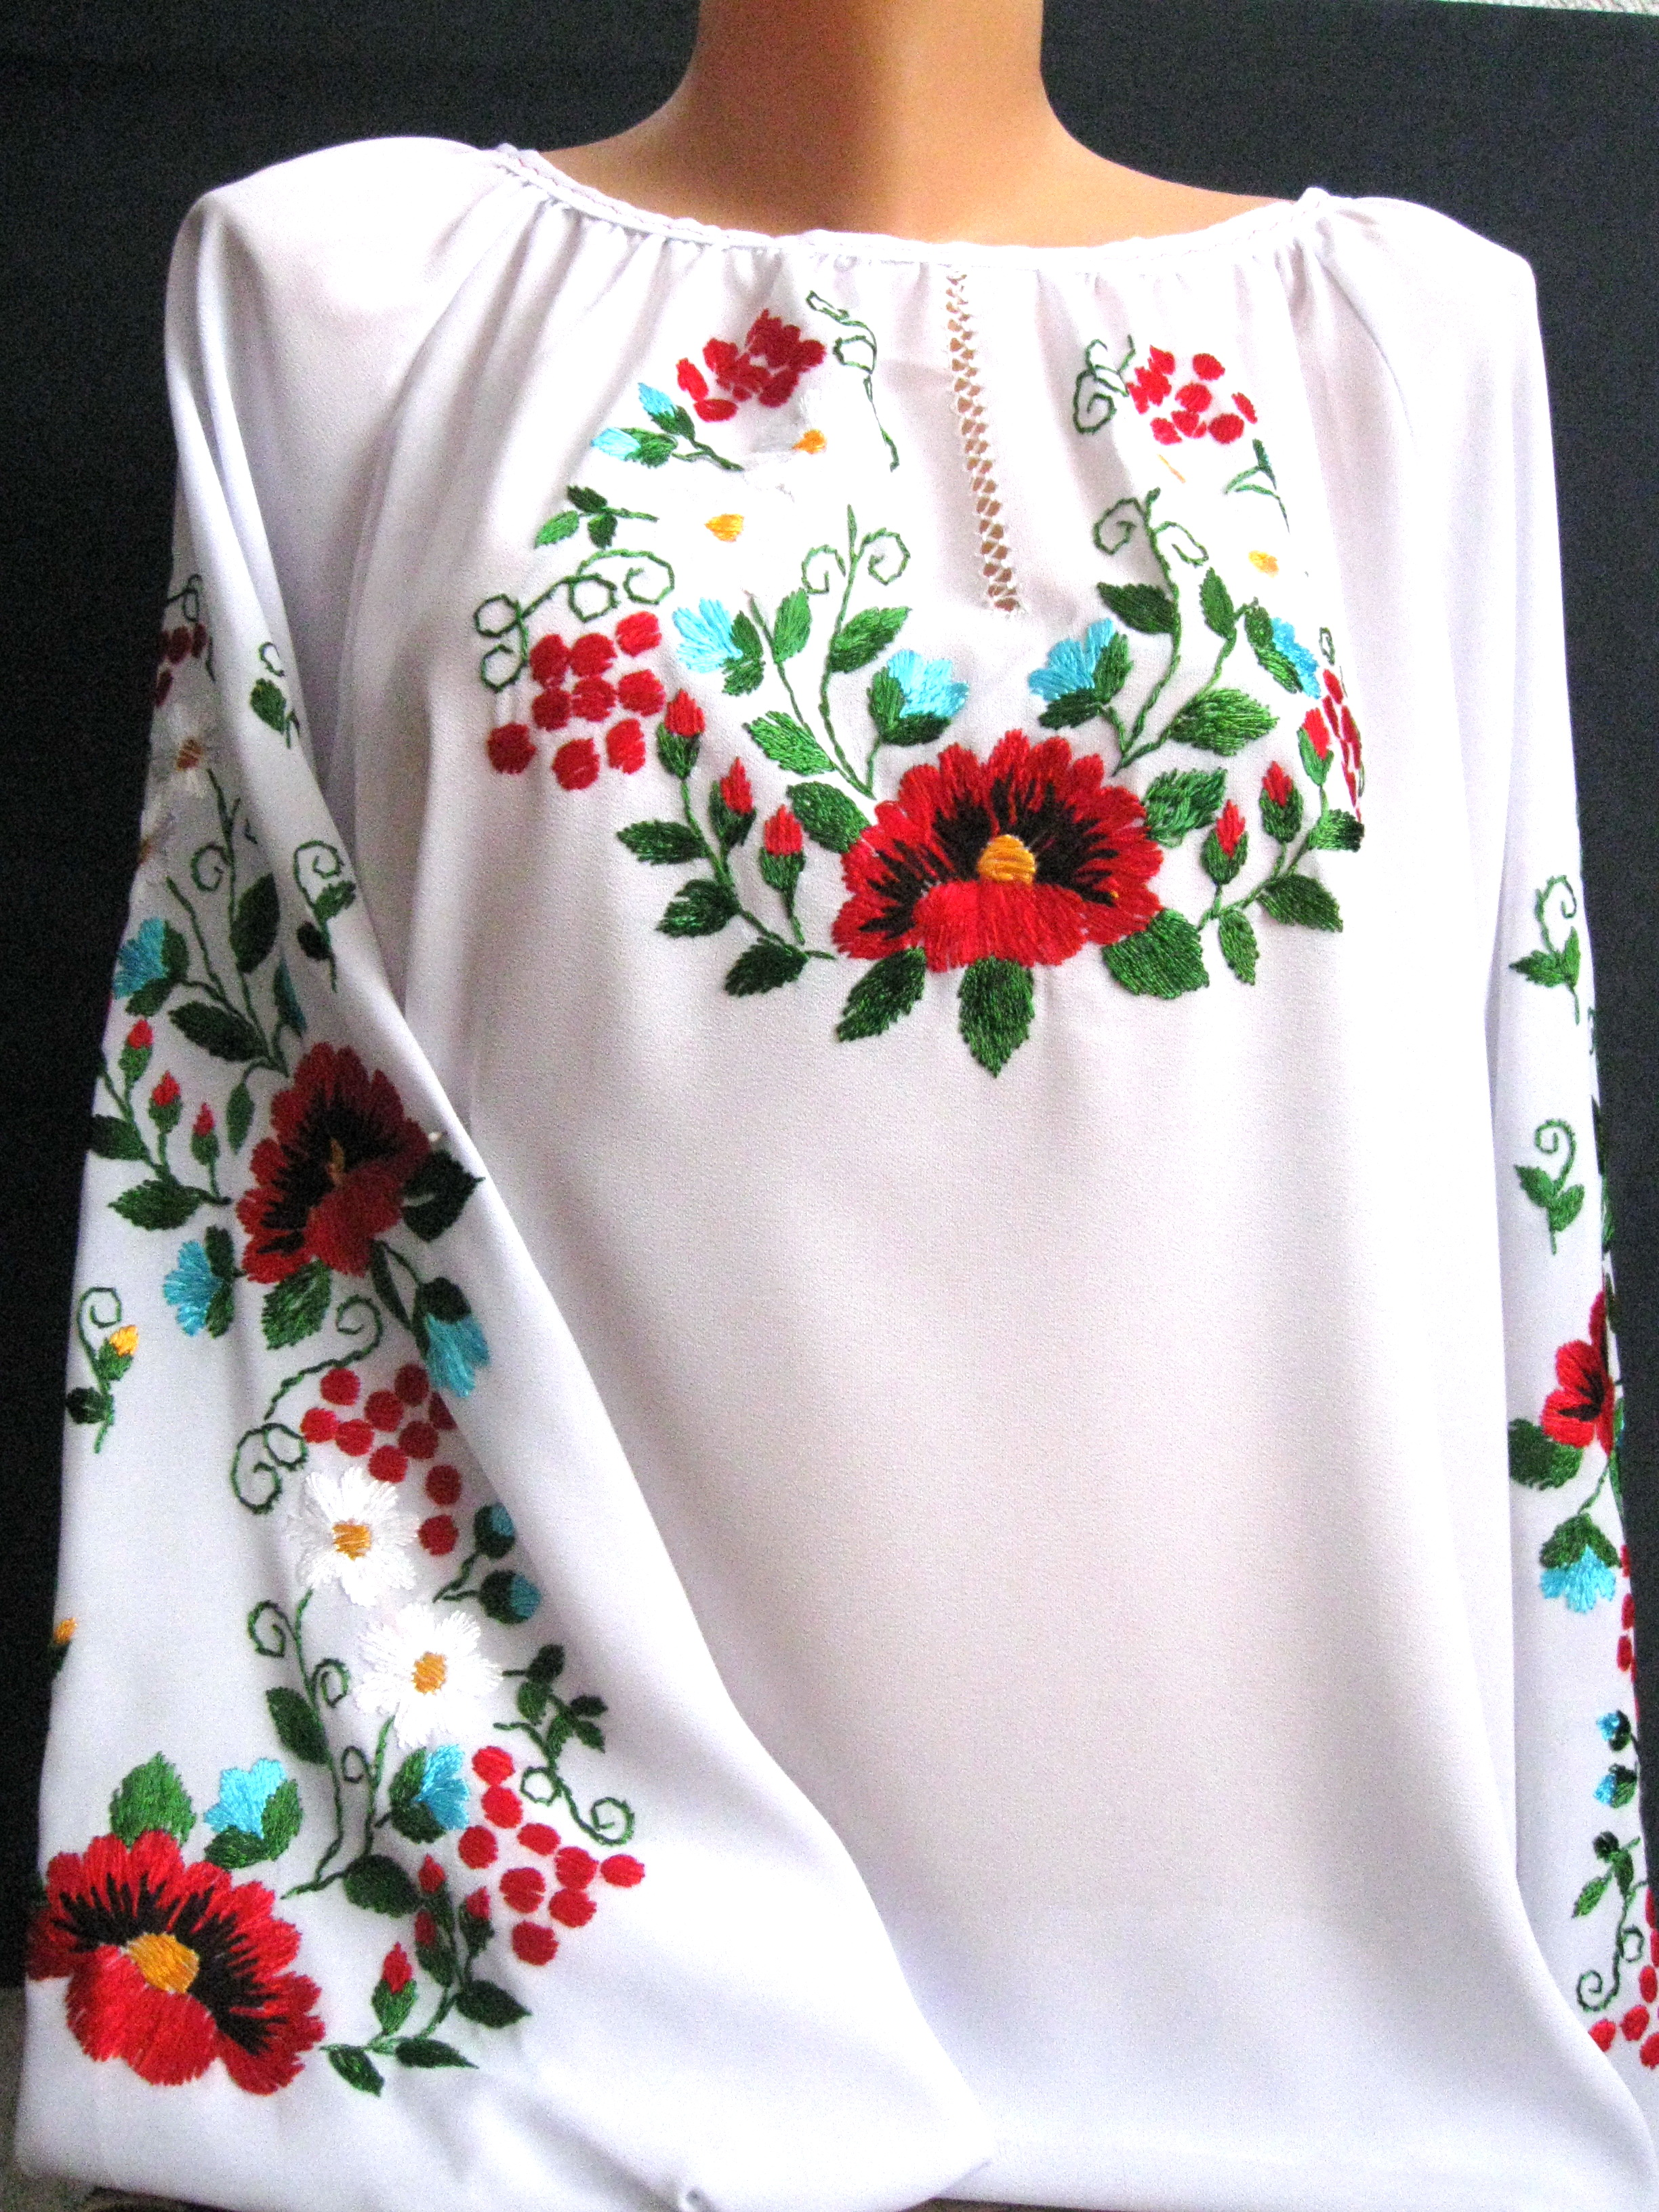 Вышивки блузок гладью фото